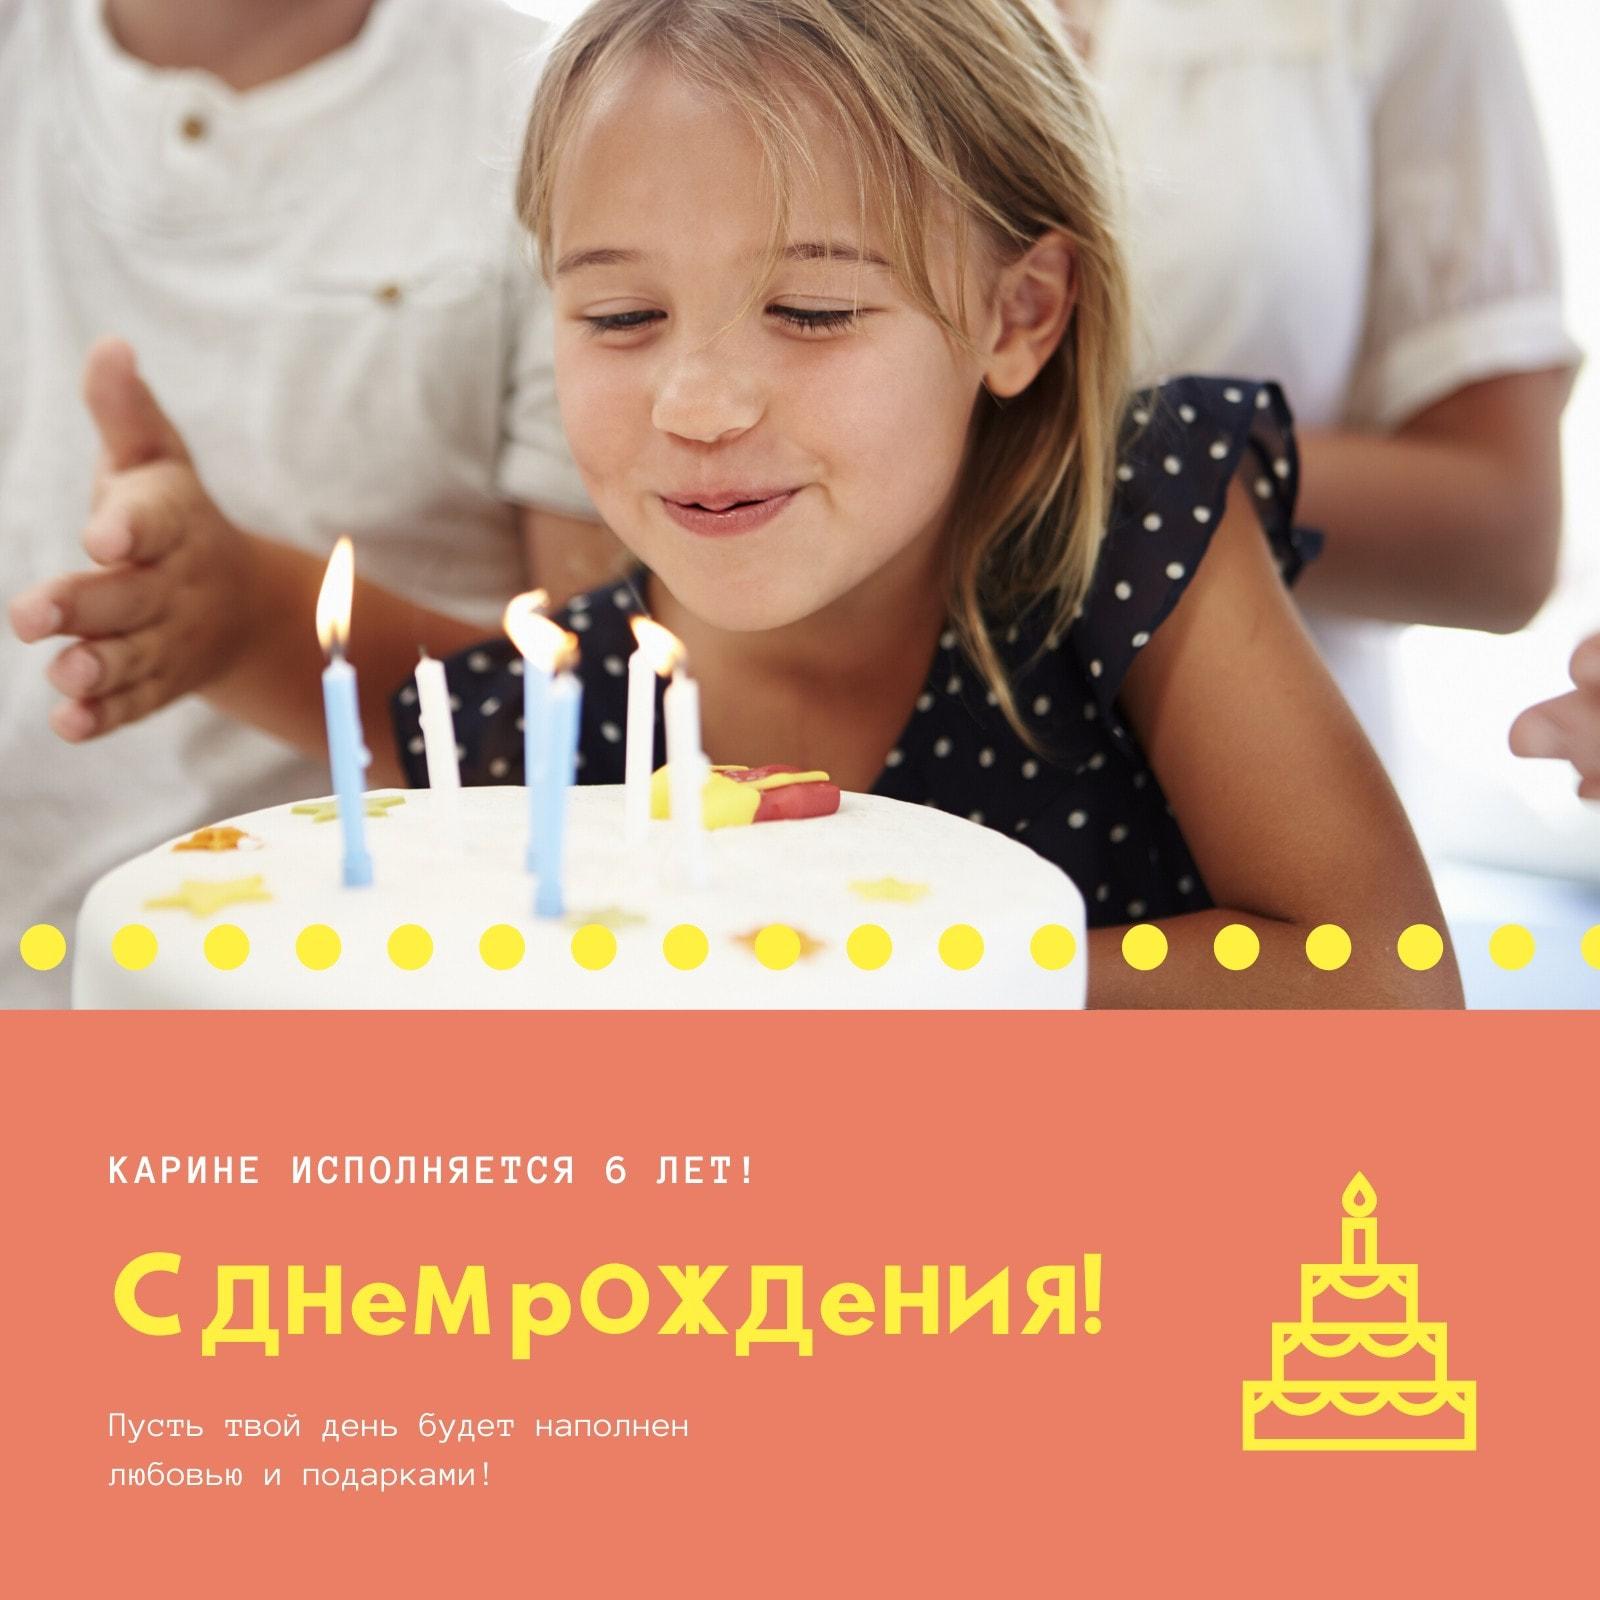 Оранжевая День рождения Торт и Фотография Публикация в Instagram